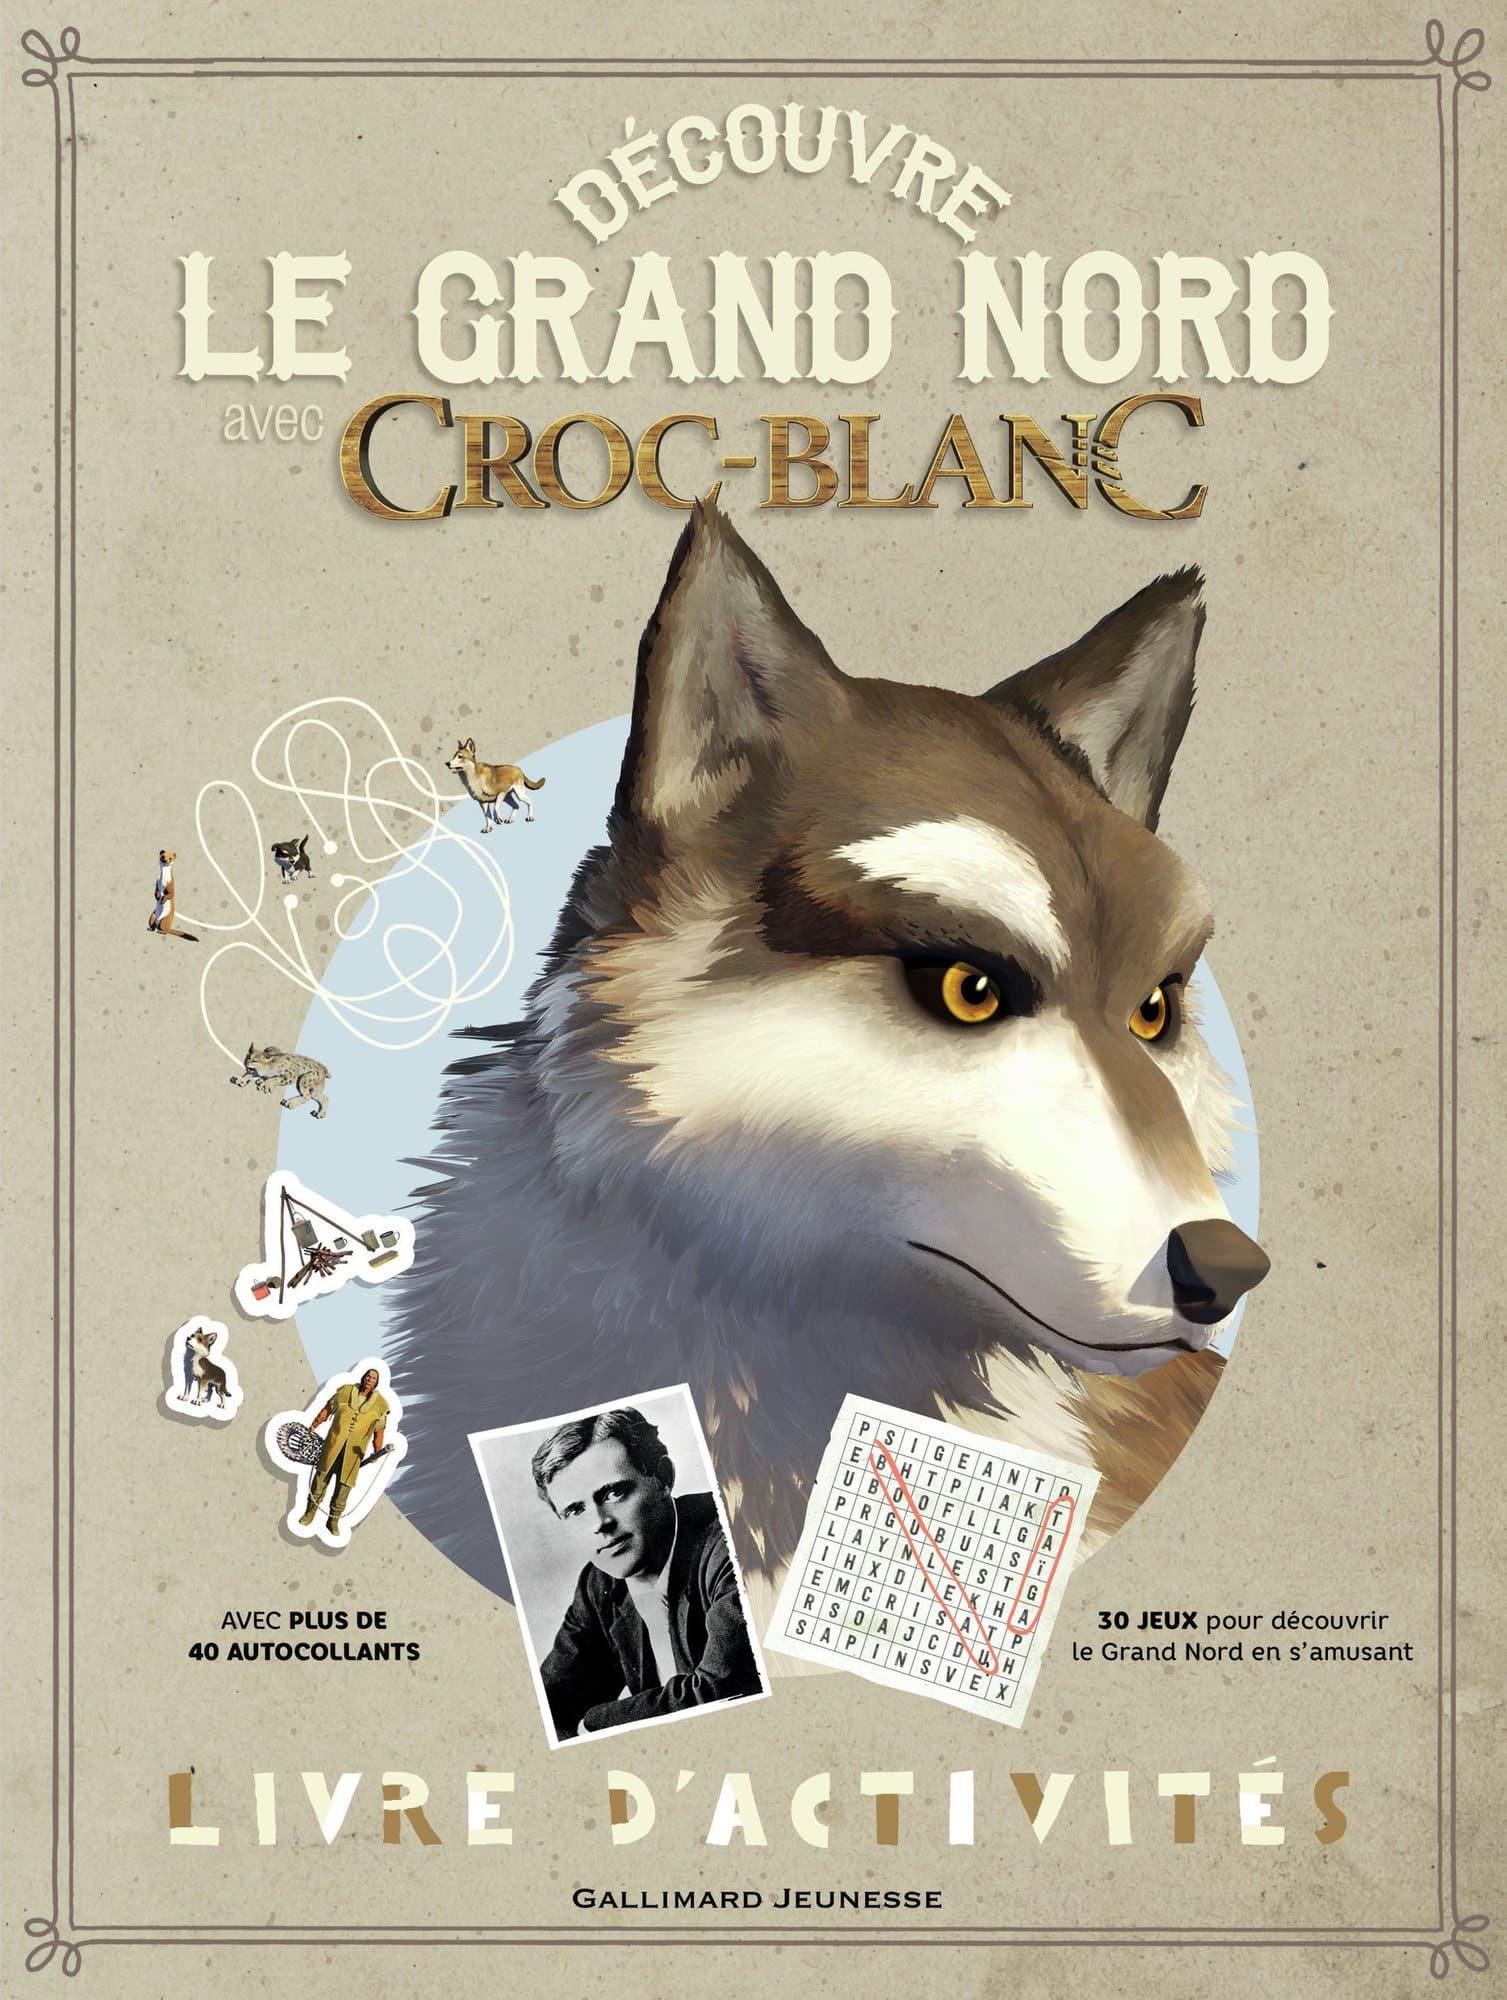 Croc-Blanc-livre-activites-Gallimard